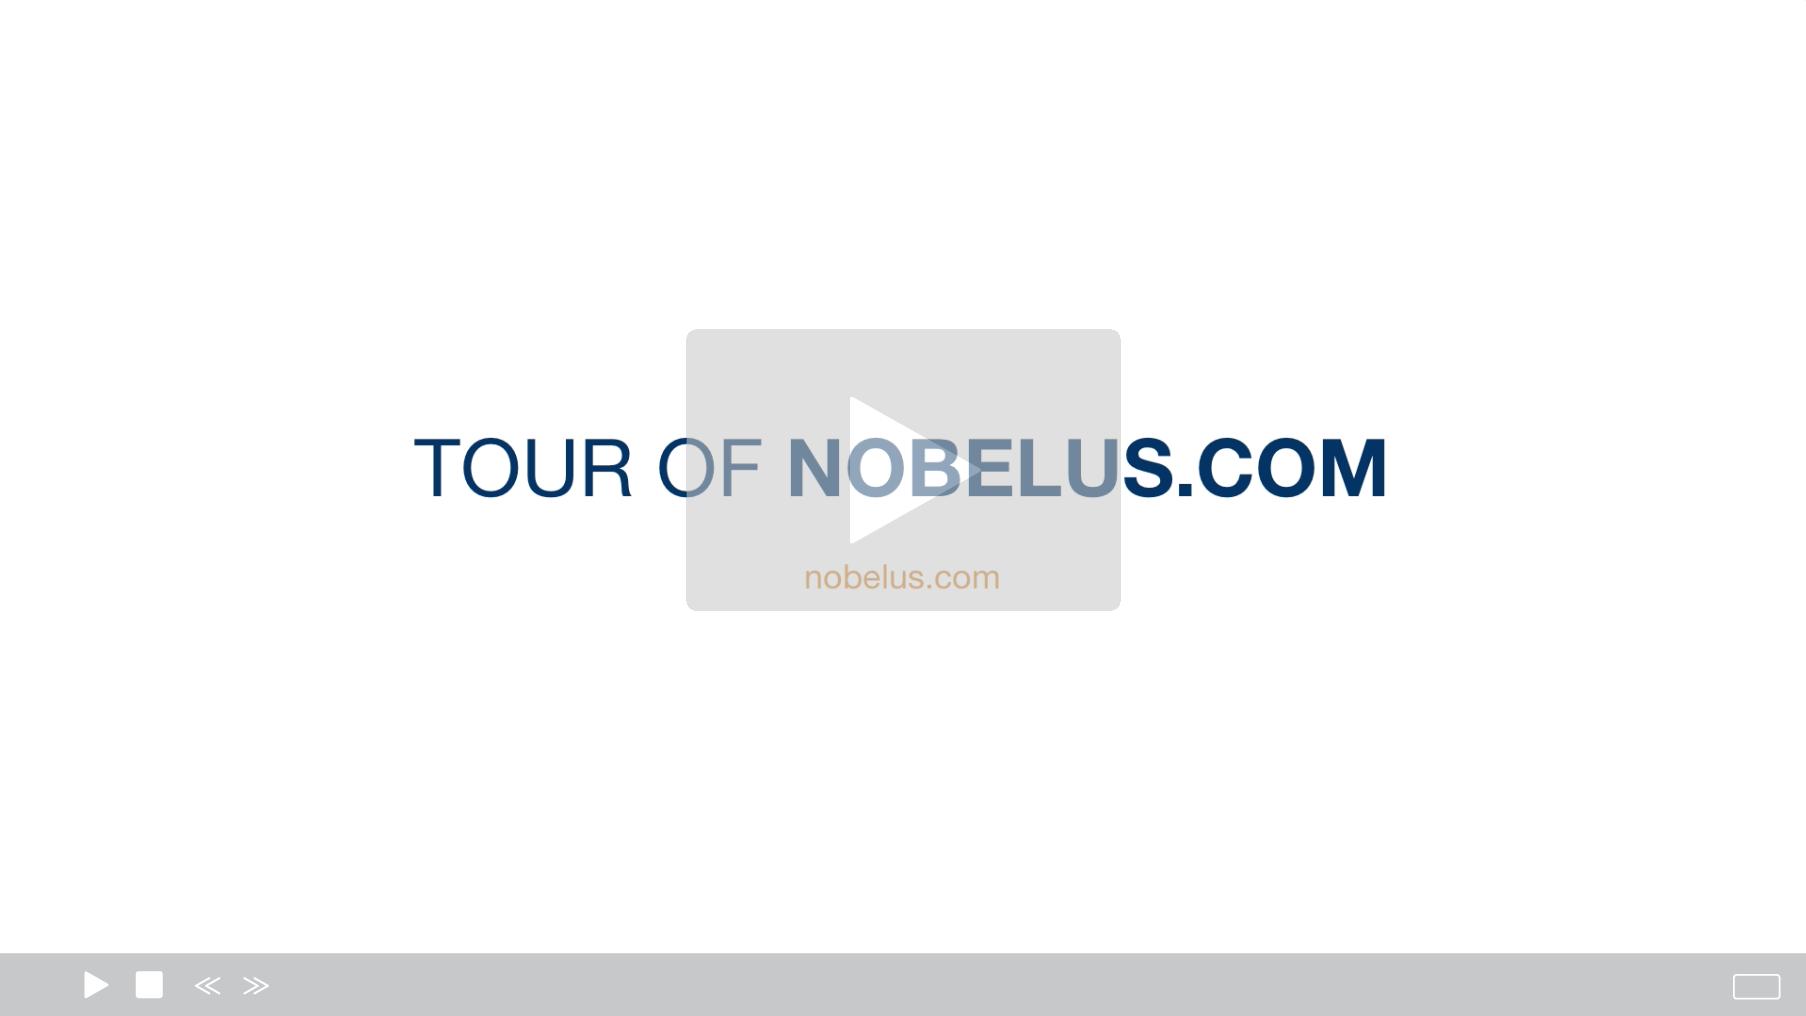 Tour of Nobelus.com